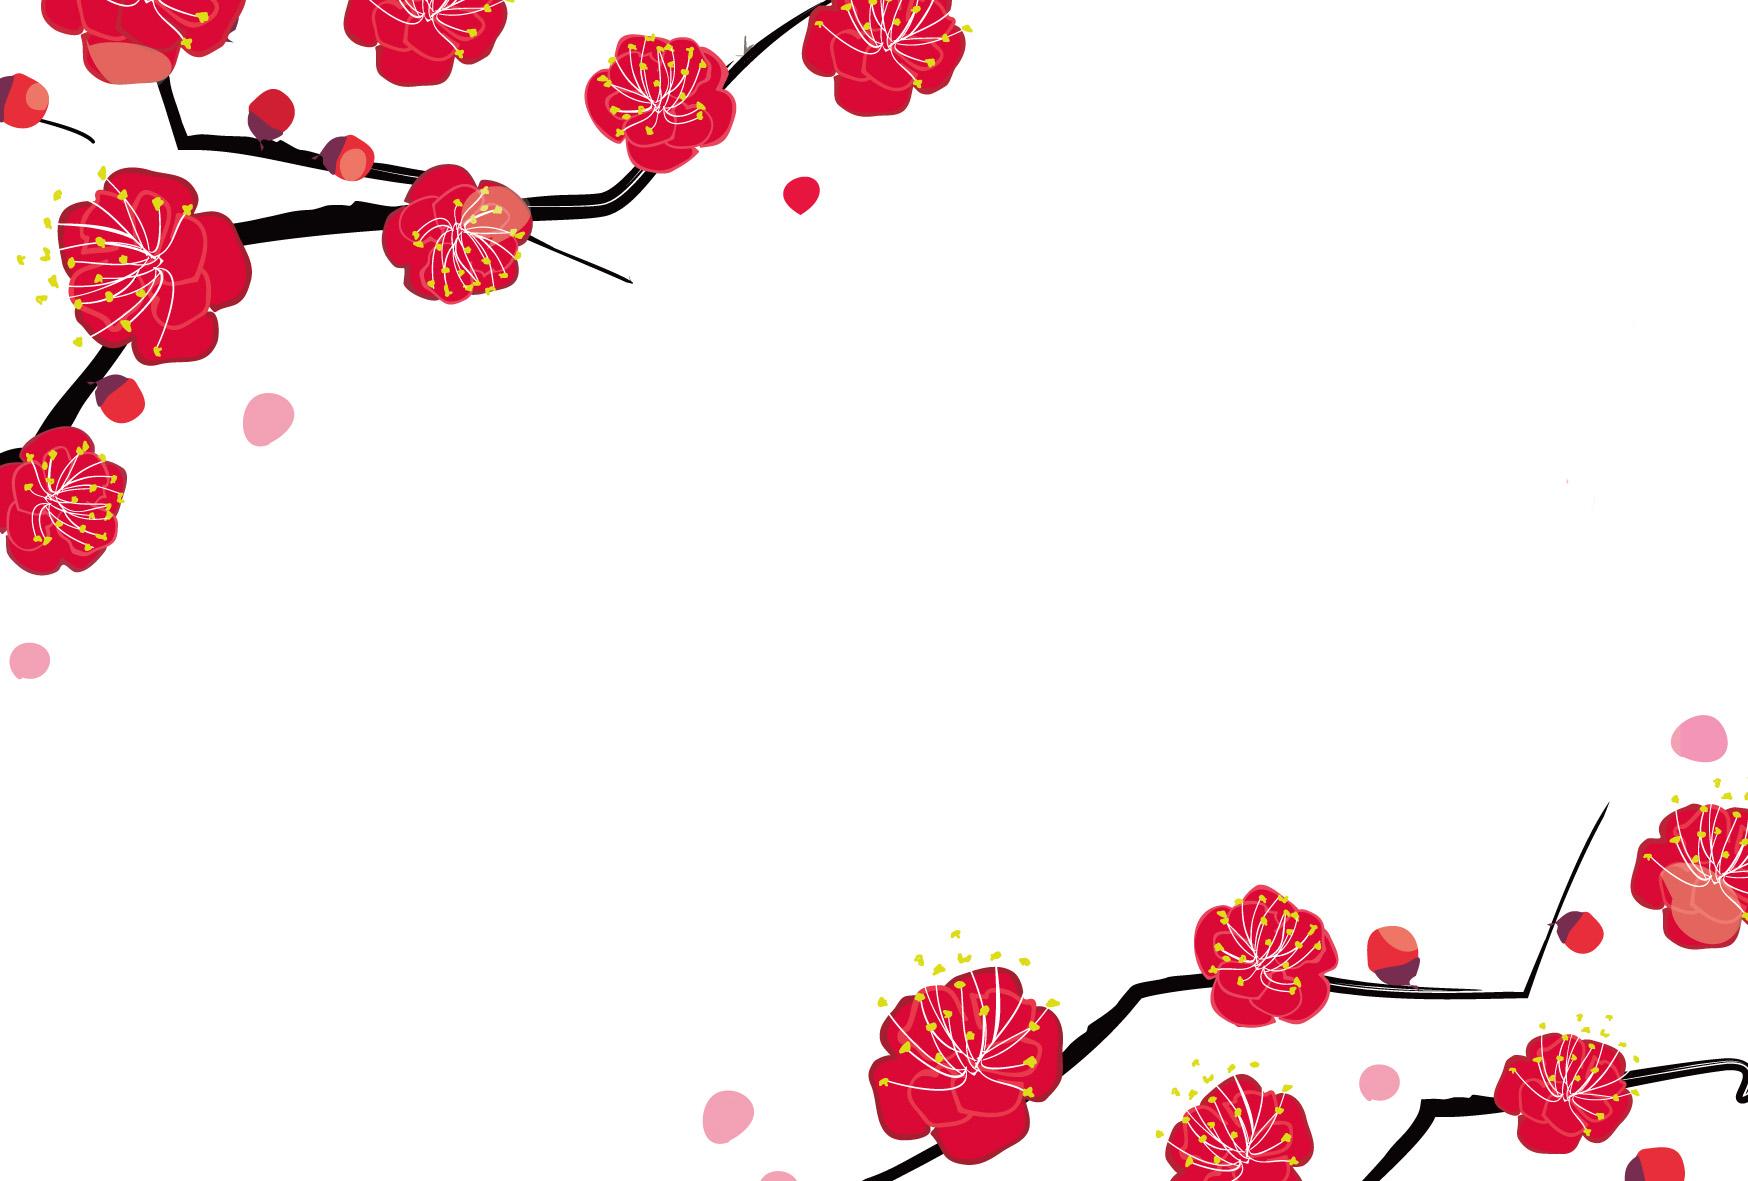 年賀状テンプレート「梅」艶やかな梅のフレームダウンロード|かわいい